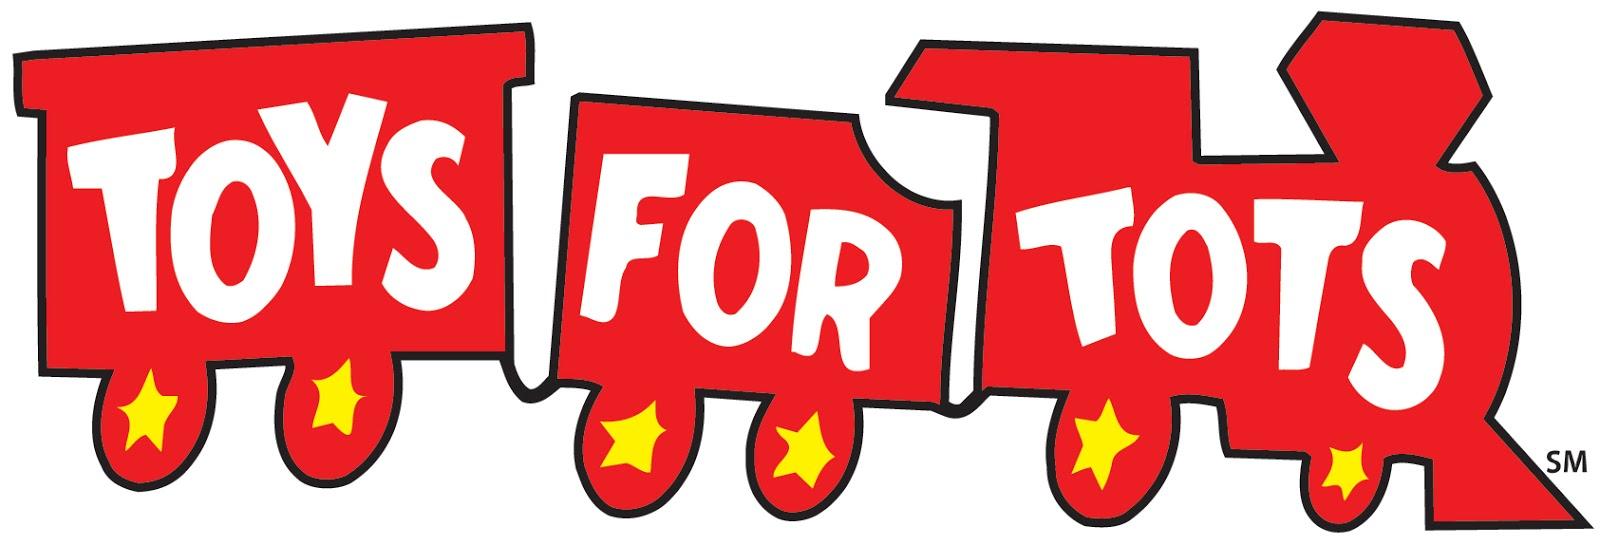 Marine Corps Toys For Tots Logo : Castra praetoria december